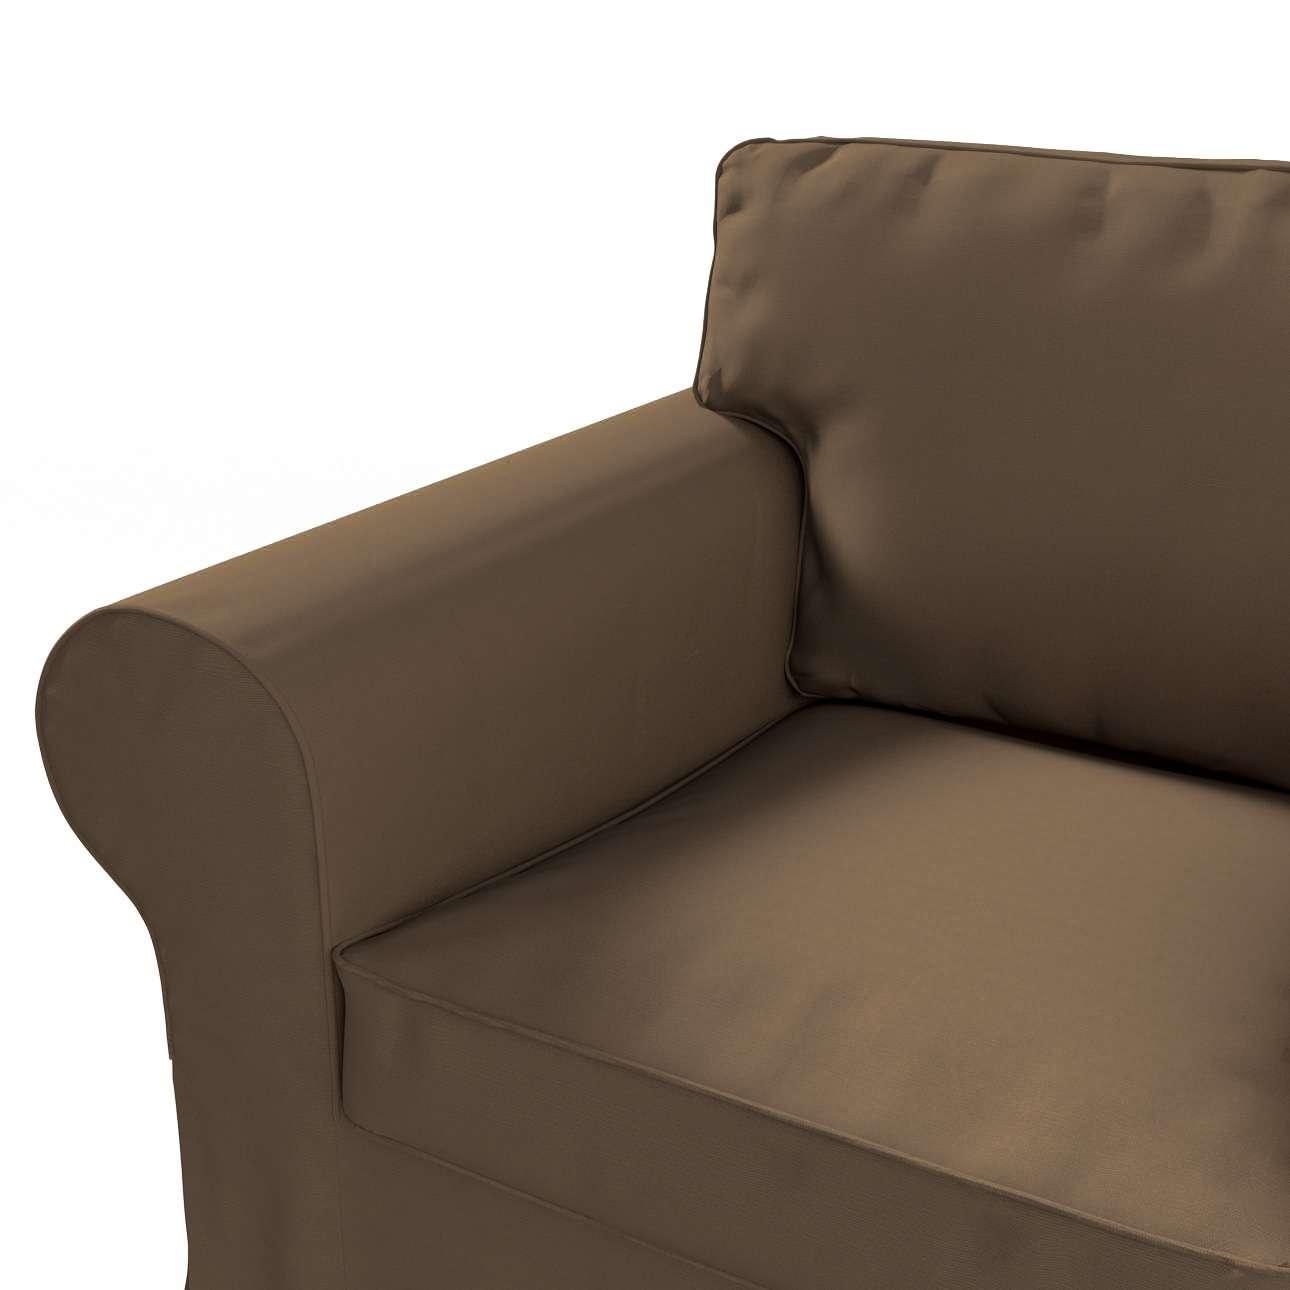 EKTORP fotelio užvalkalas Ektorp fotelio užvalkalas kolekcijoje Cotton Panama, audinys: 702-02